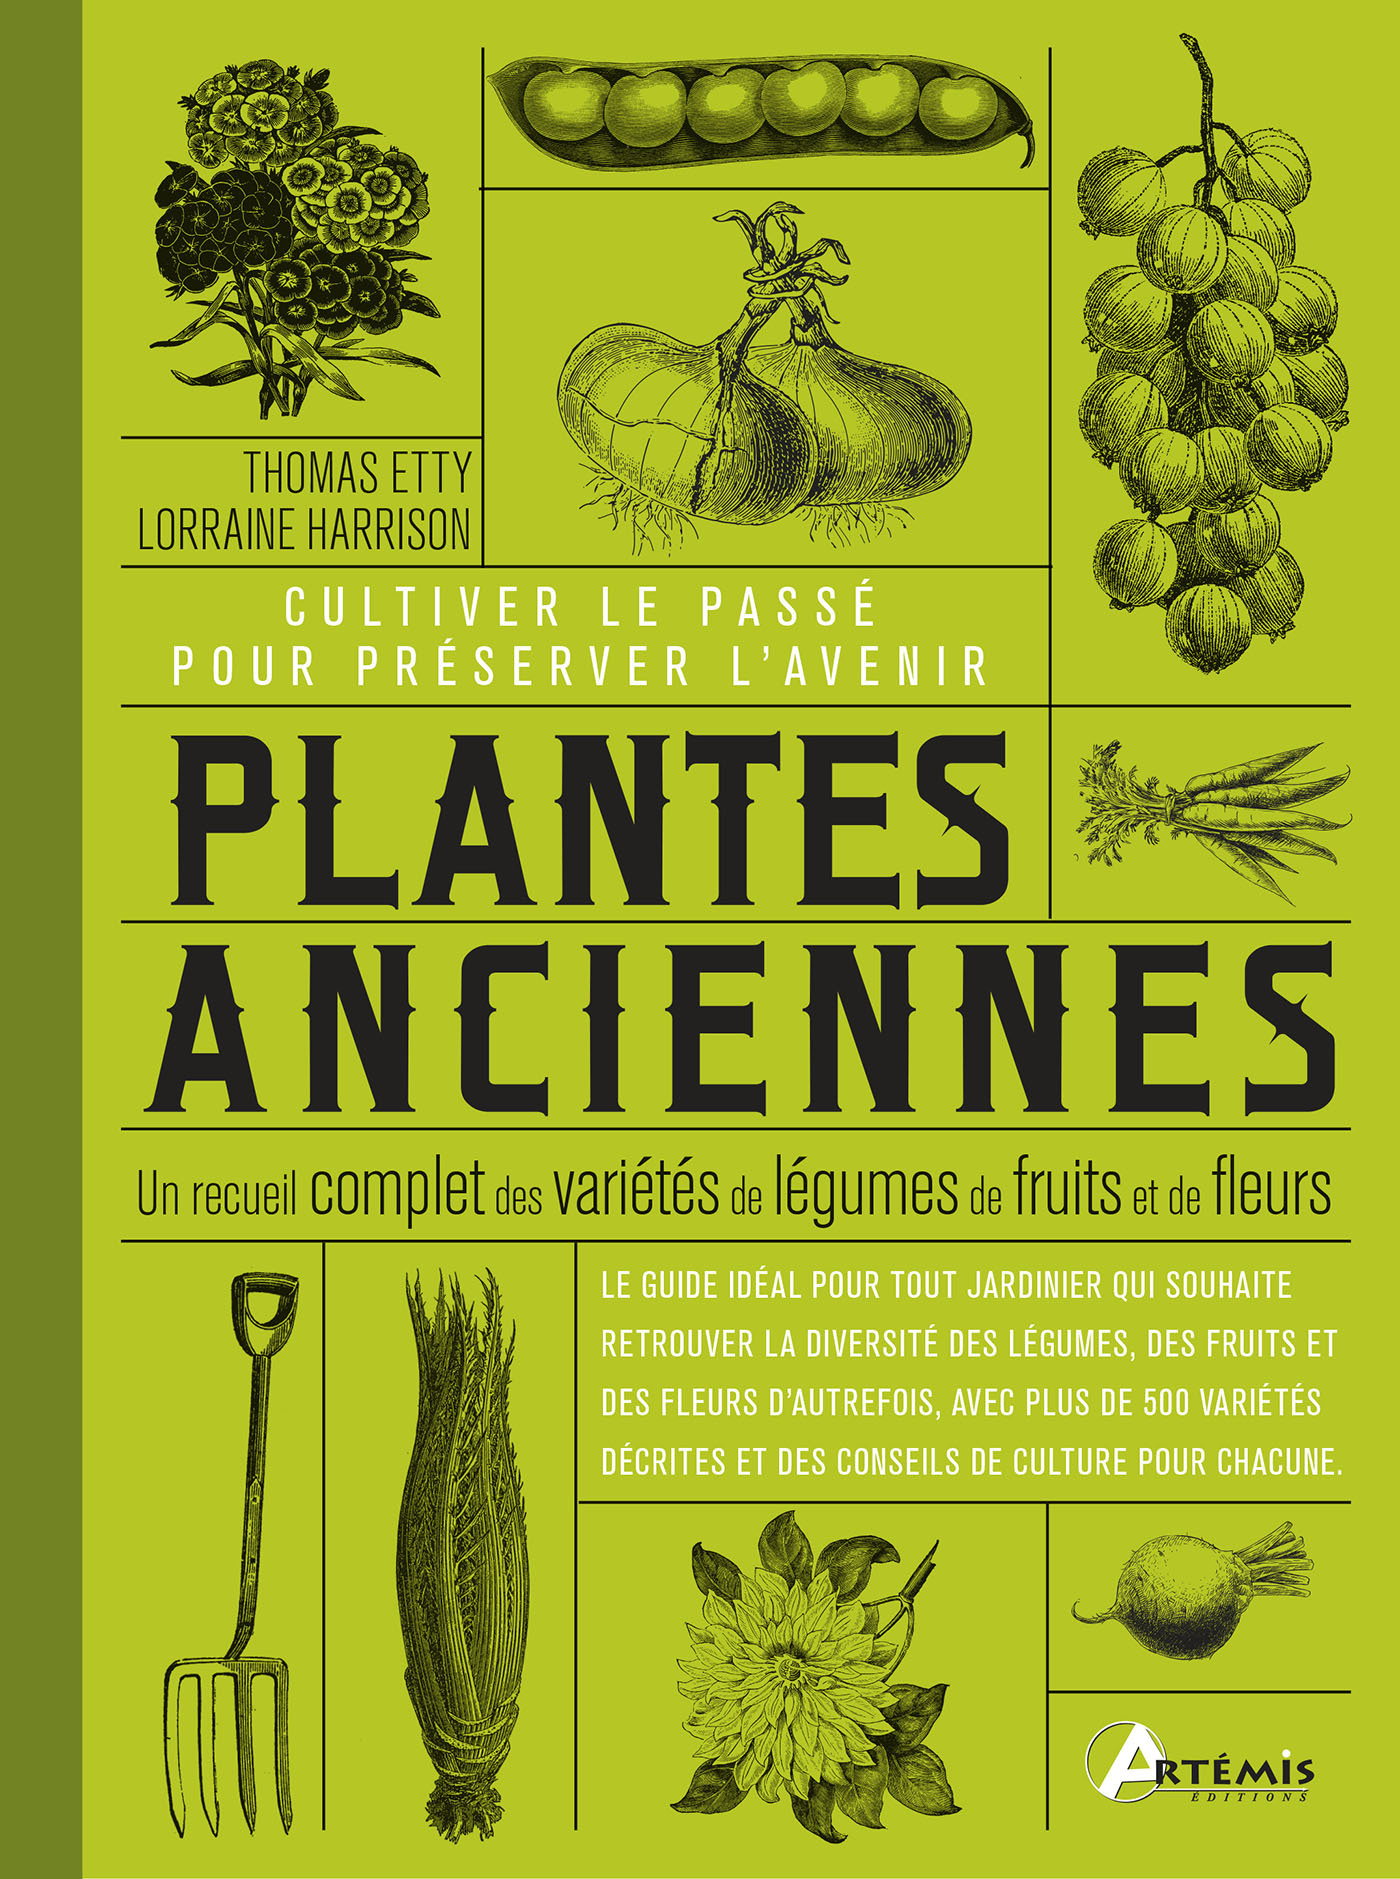 PLANTES ANCIENNES, CULTIVER LE PASSE POUR PRESERVER L'AVENIR